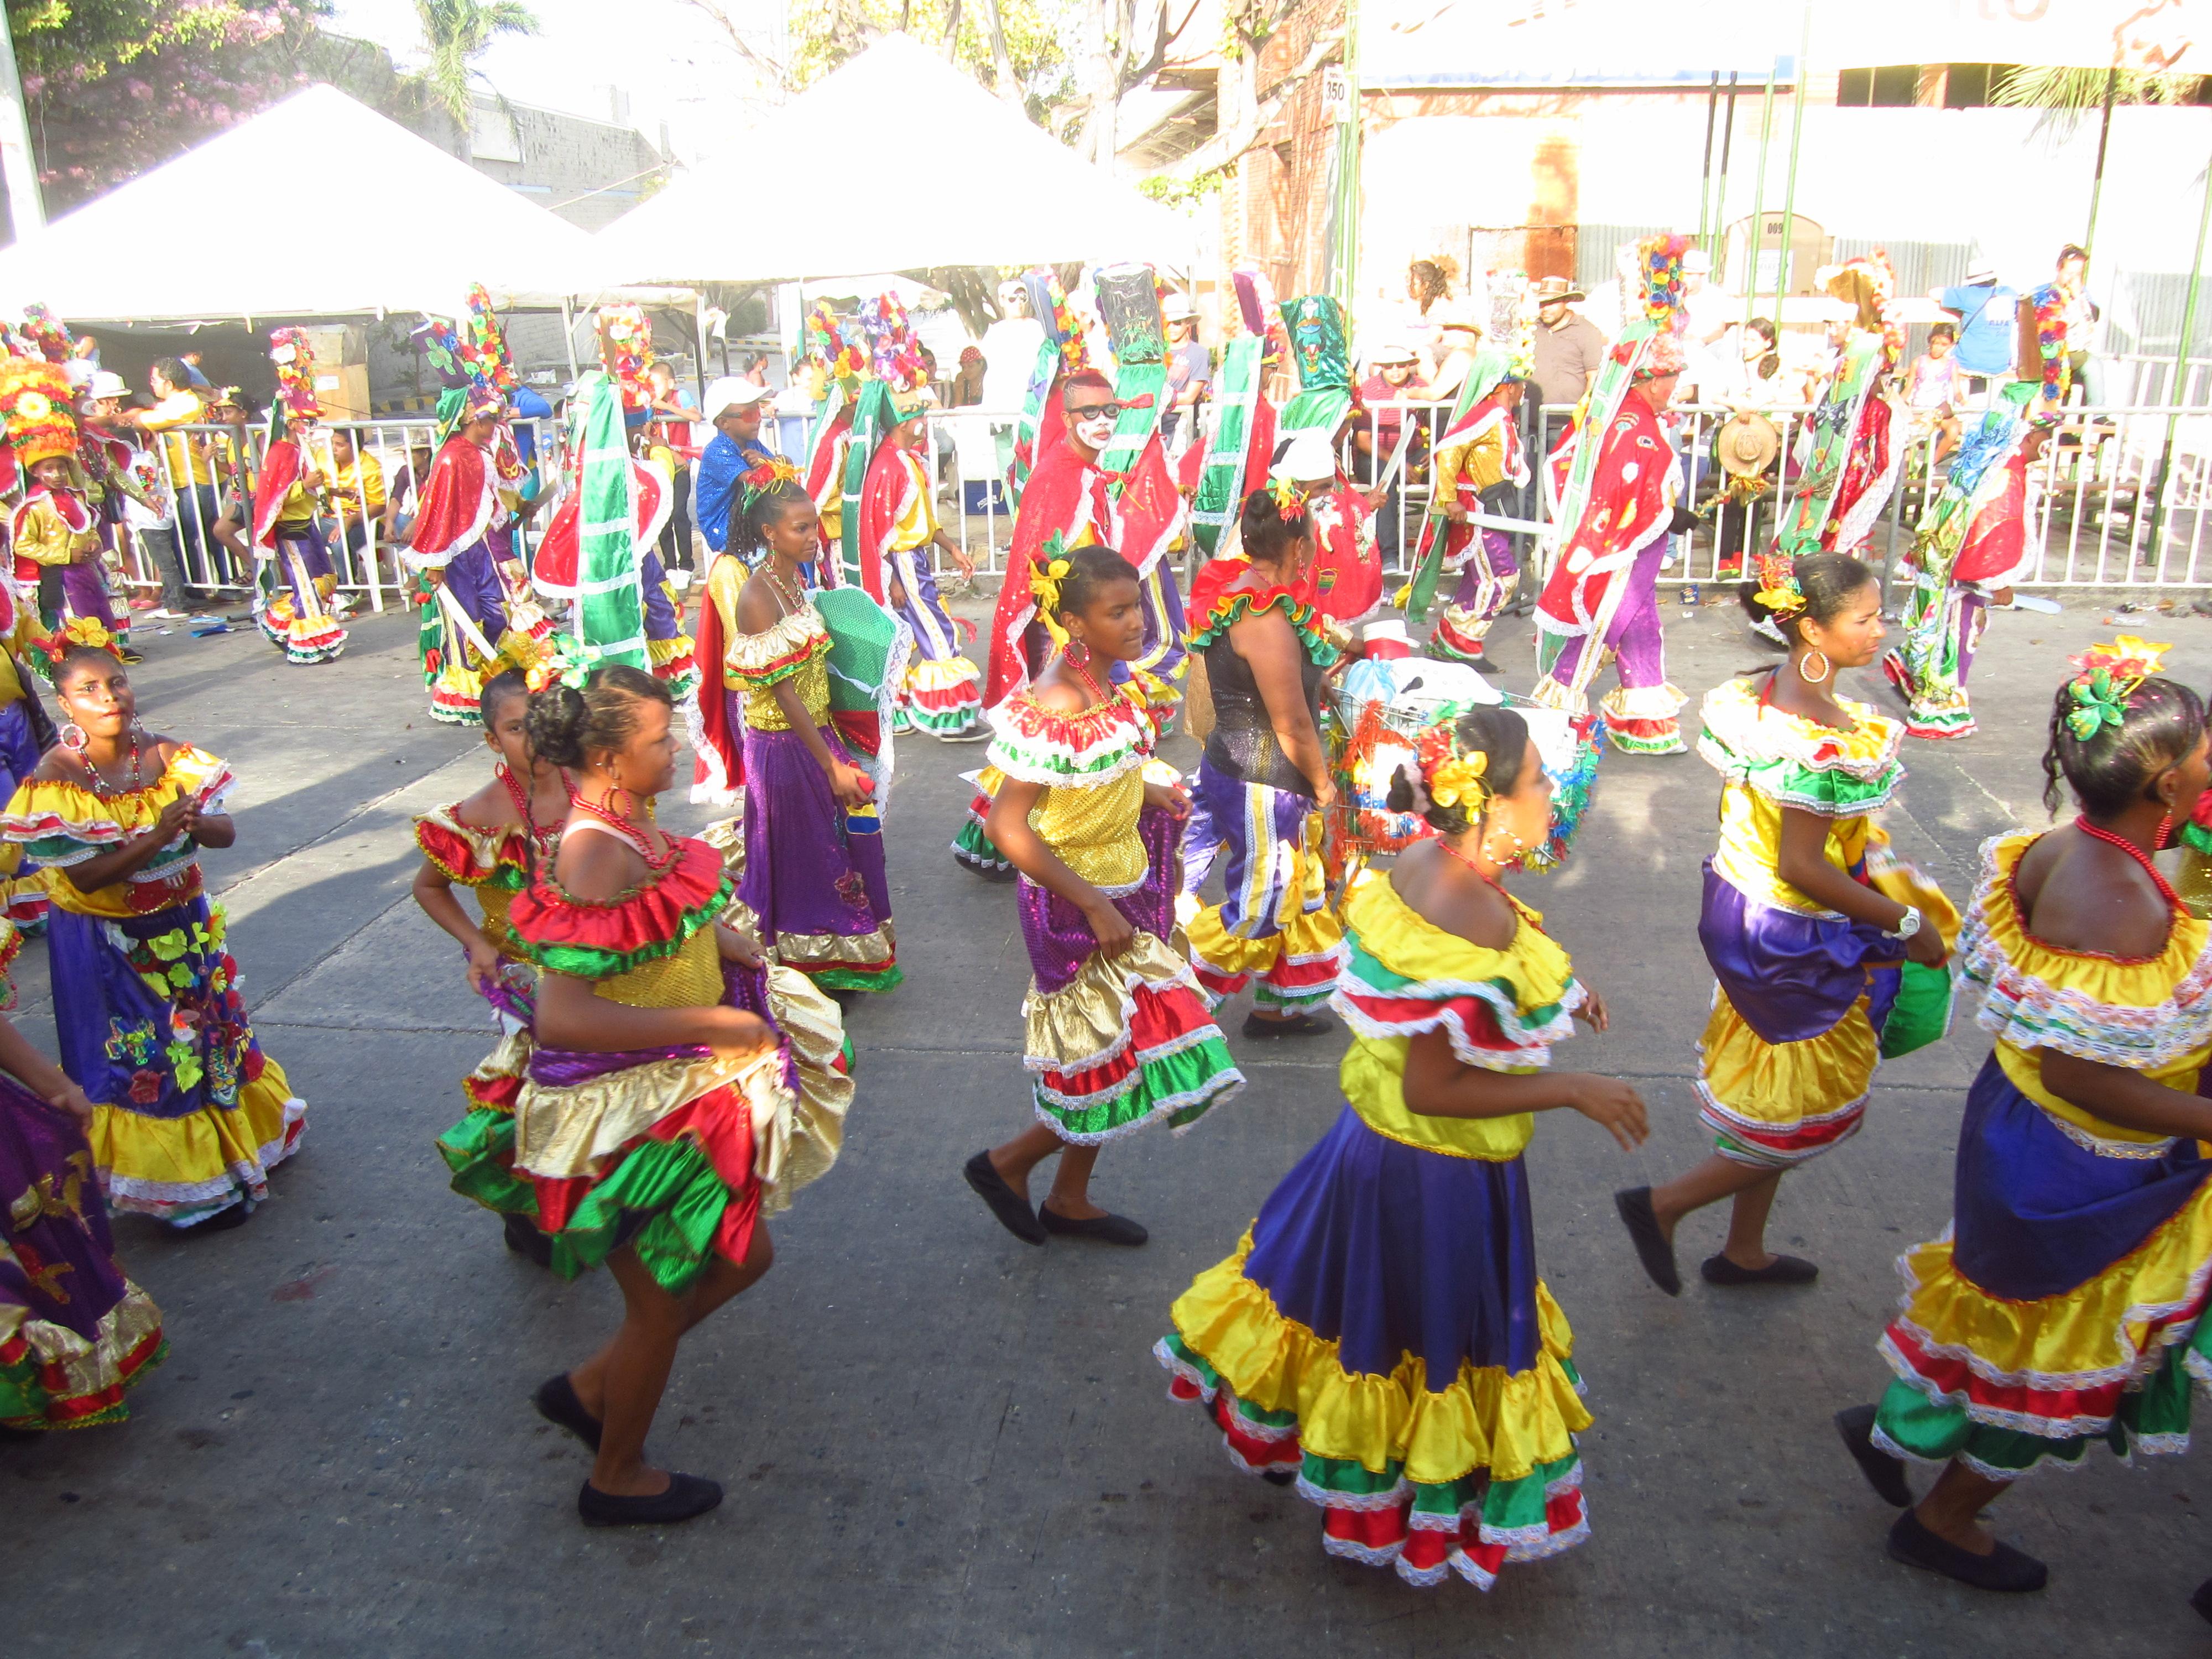 Parade of Festival